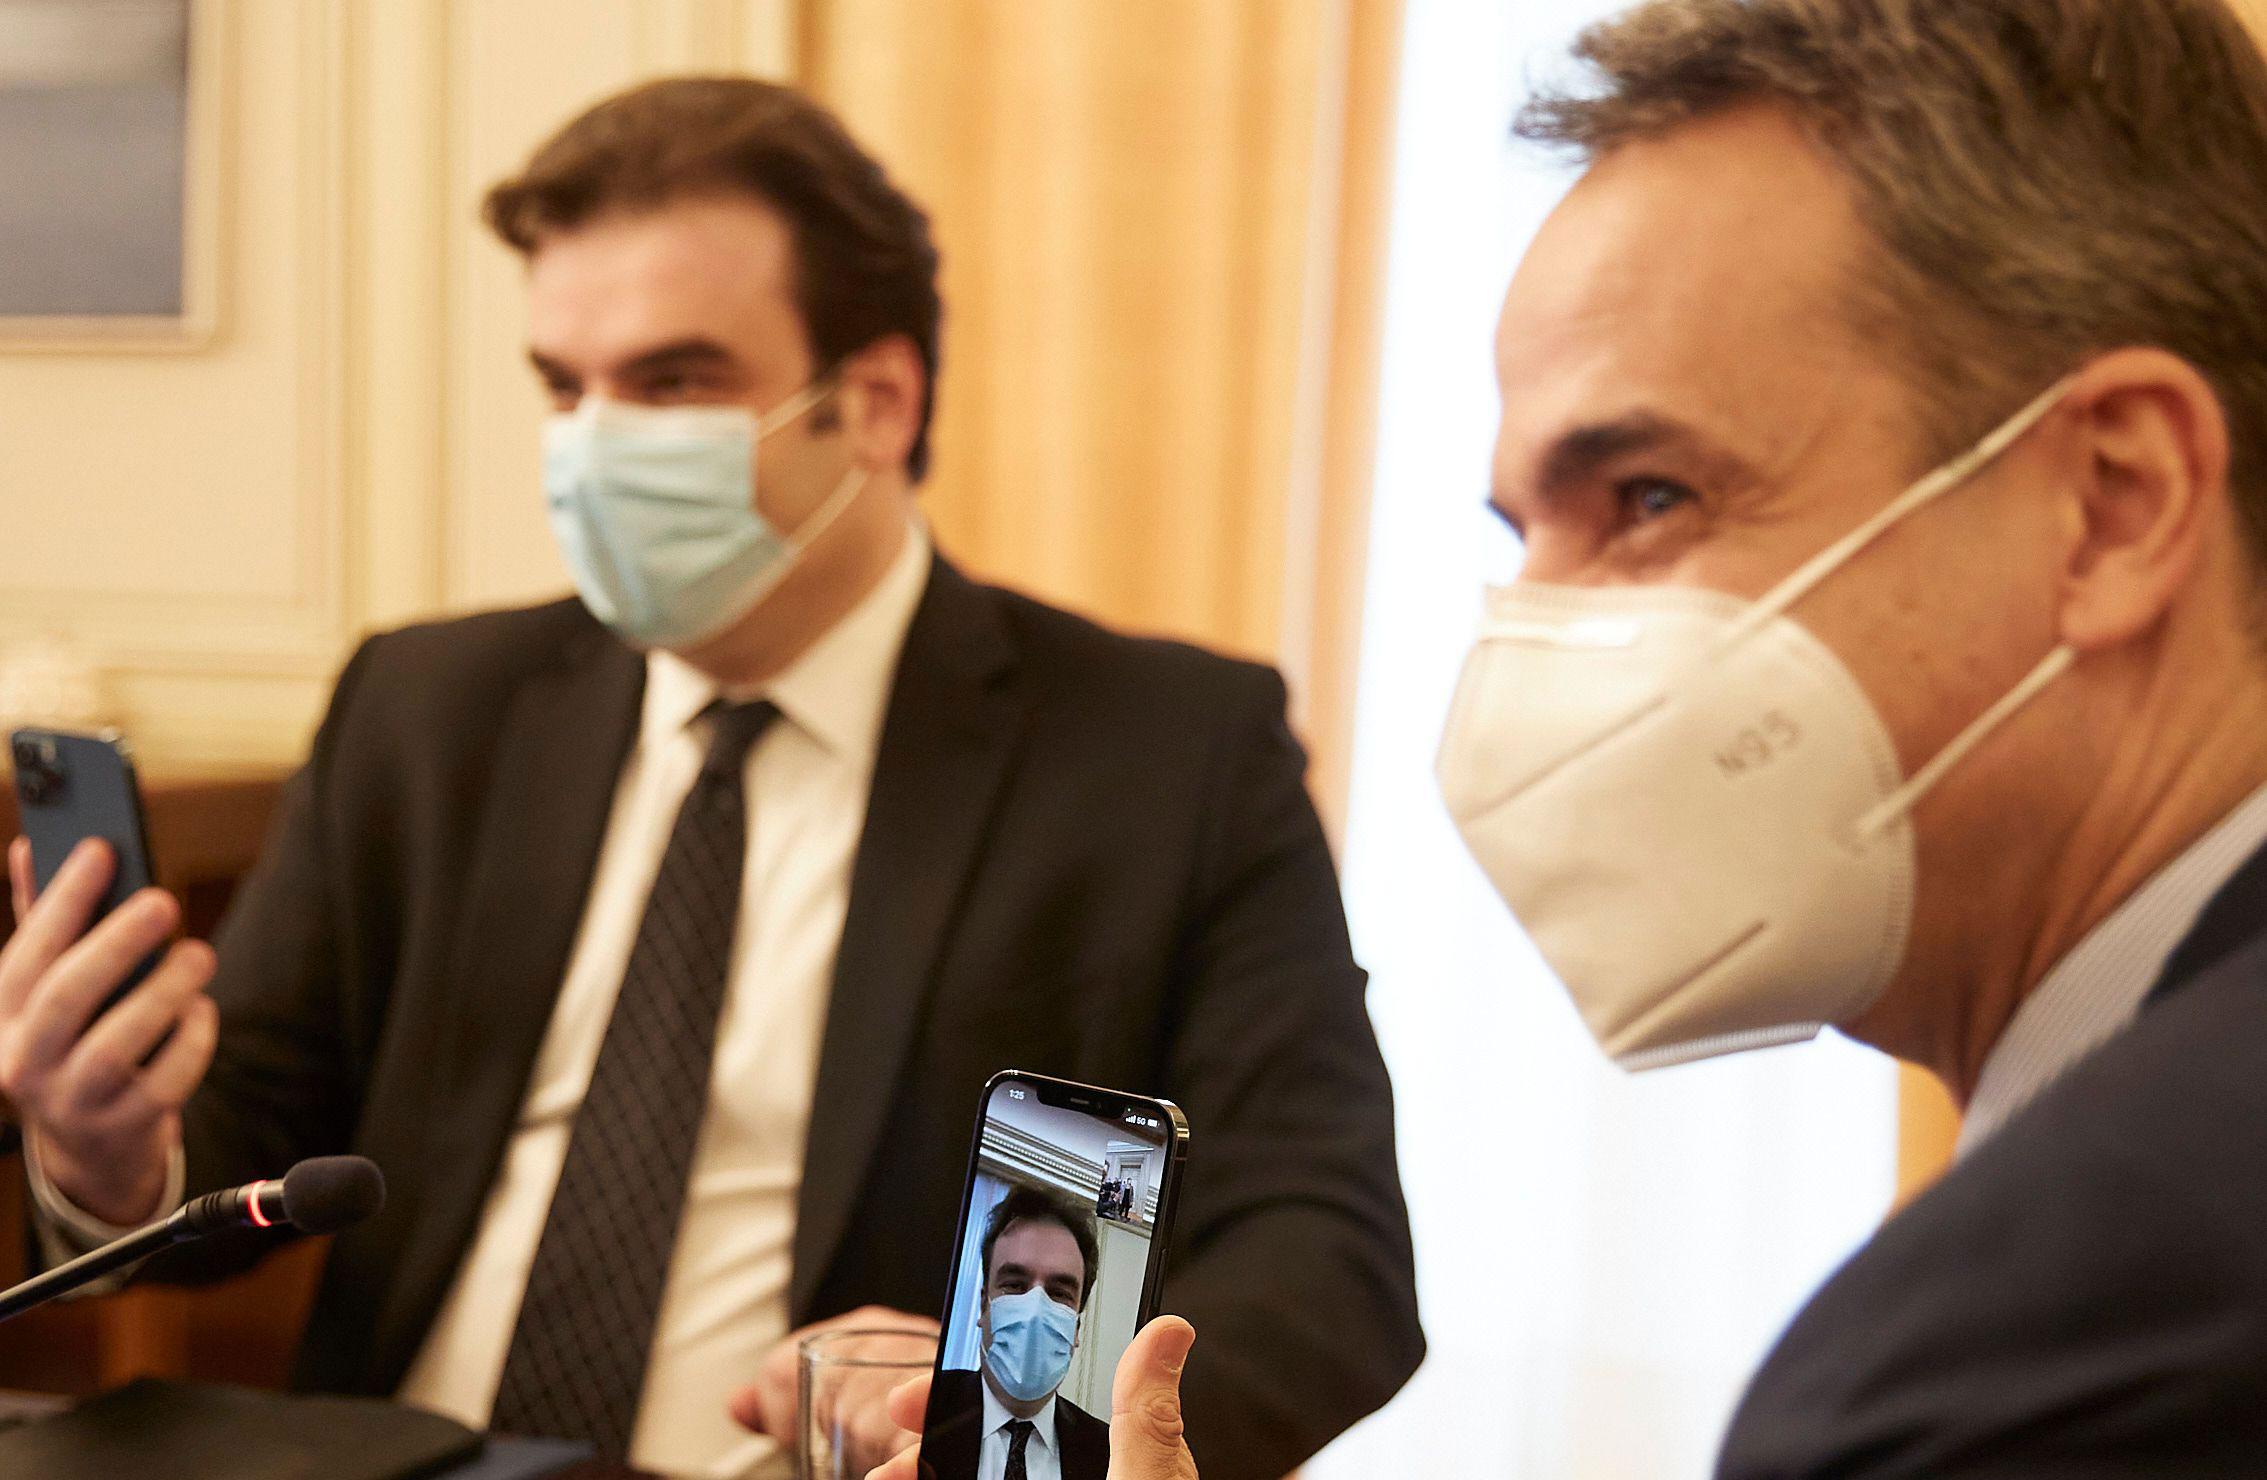 Η COSMOTE φέρνει πρώτη στην Ελλάδα το 5G! Πρώτη κλήση από τον Μητσοτάκη